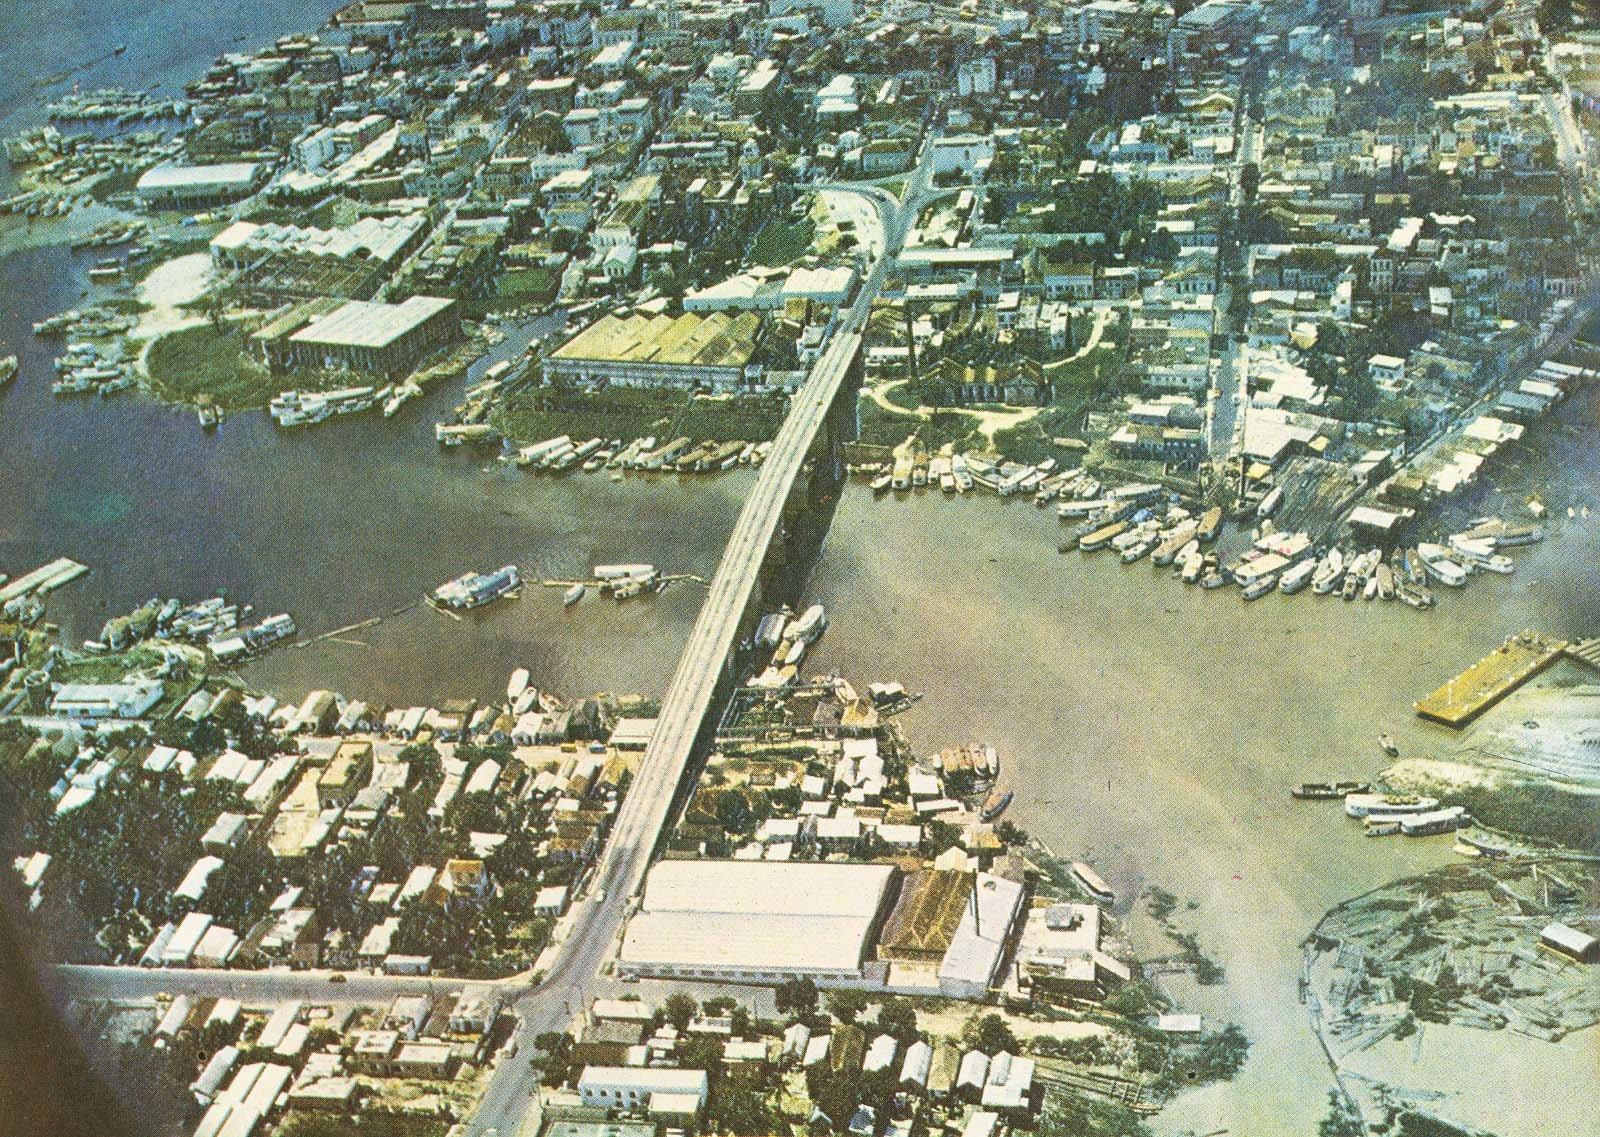 Imagem aérea da Ponte do Educandos - Instituto Durango Duarte